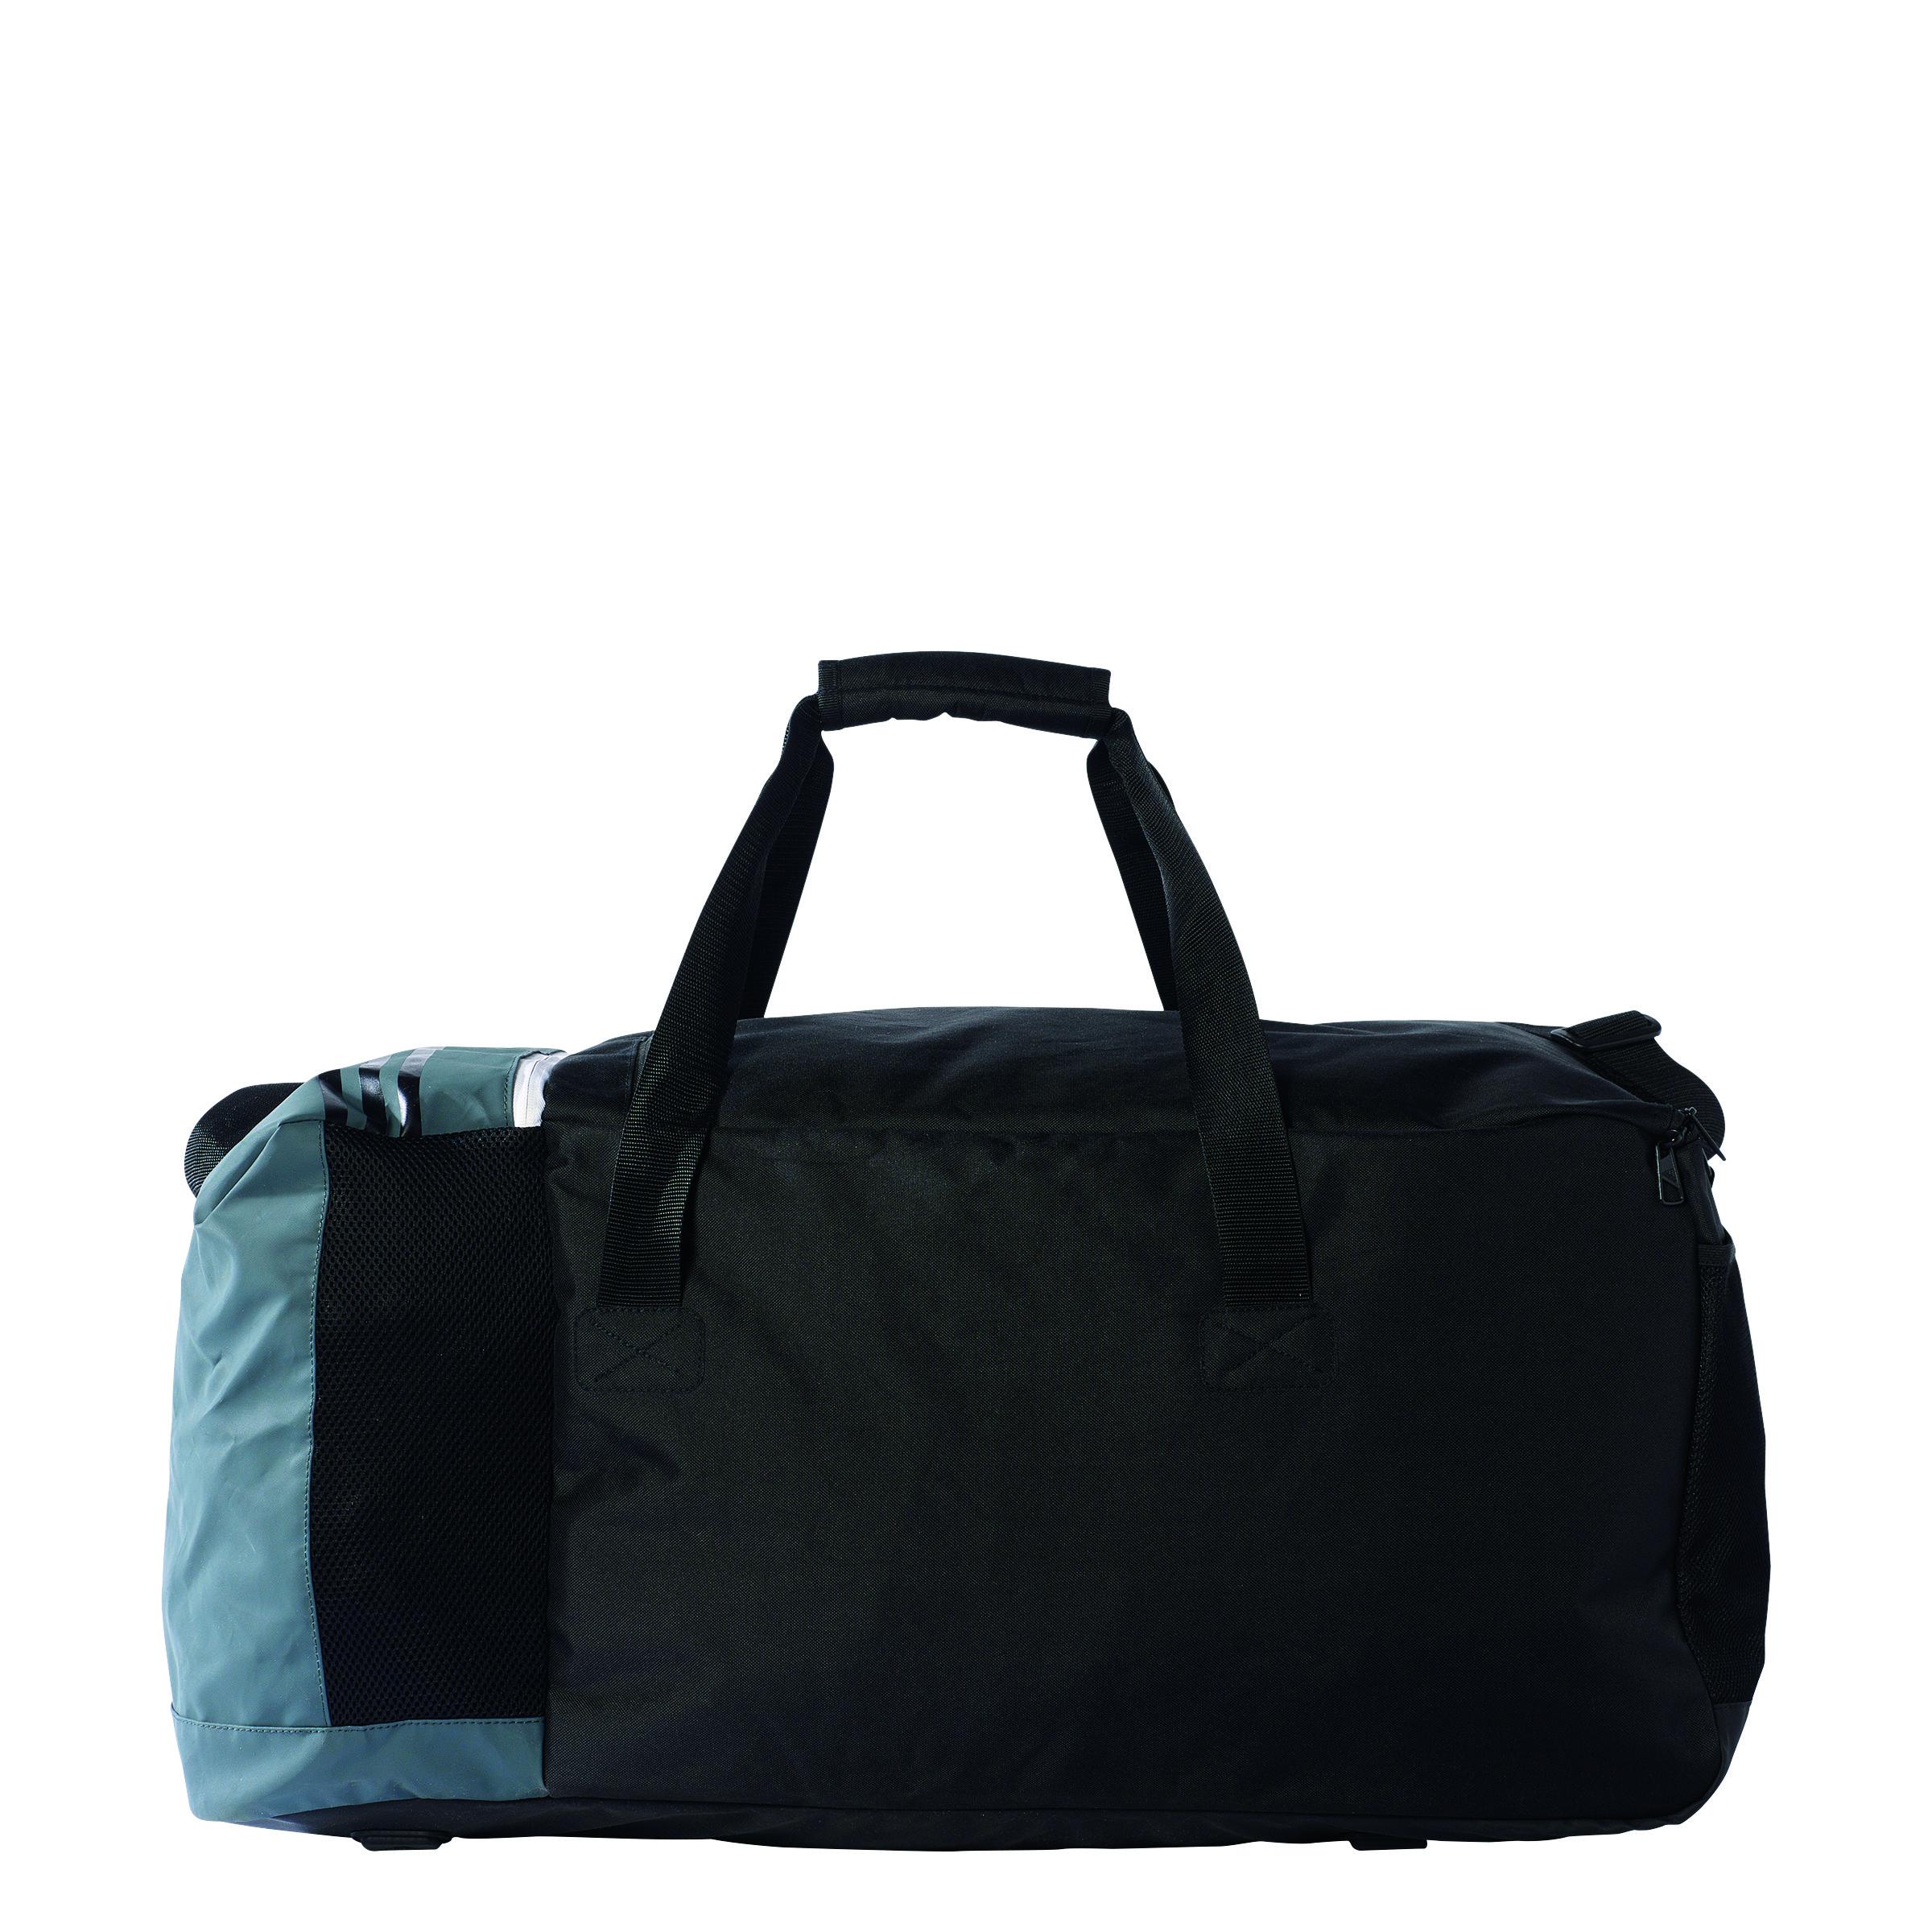 029a9bfaeb416 Zum Zoomen mit Maus über das Bild fahren · 20x adidas Tiro Teambag - Large  - Sporttasche ...